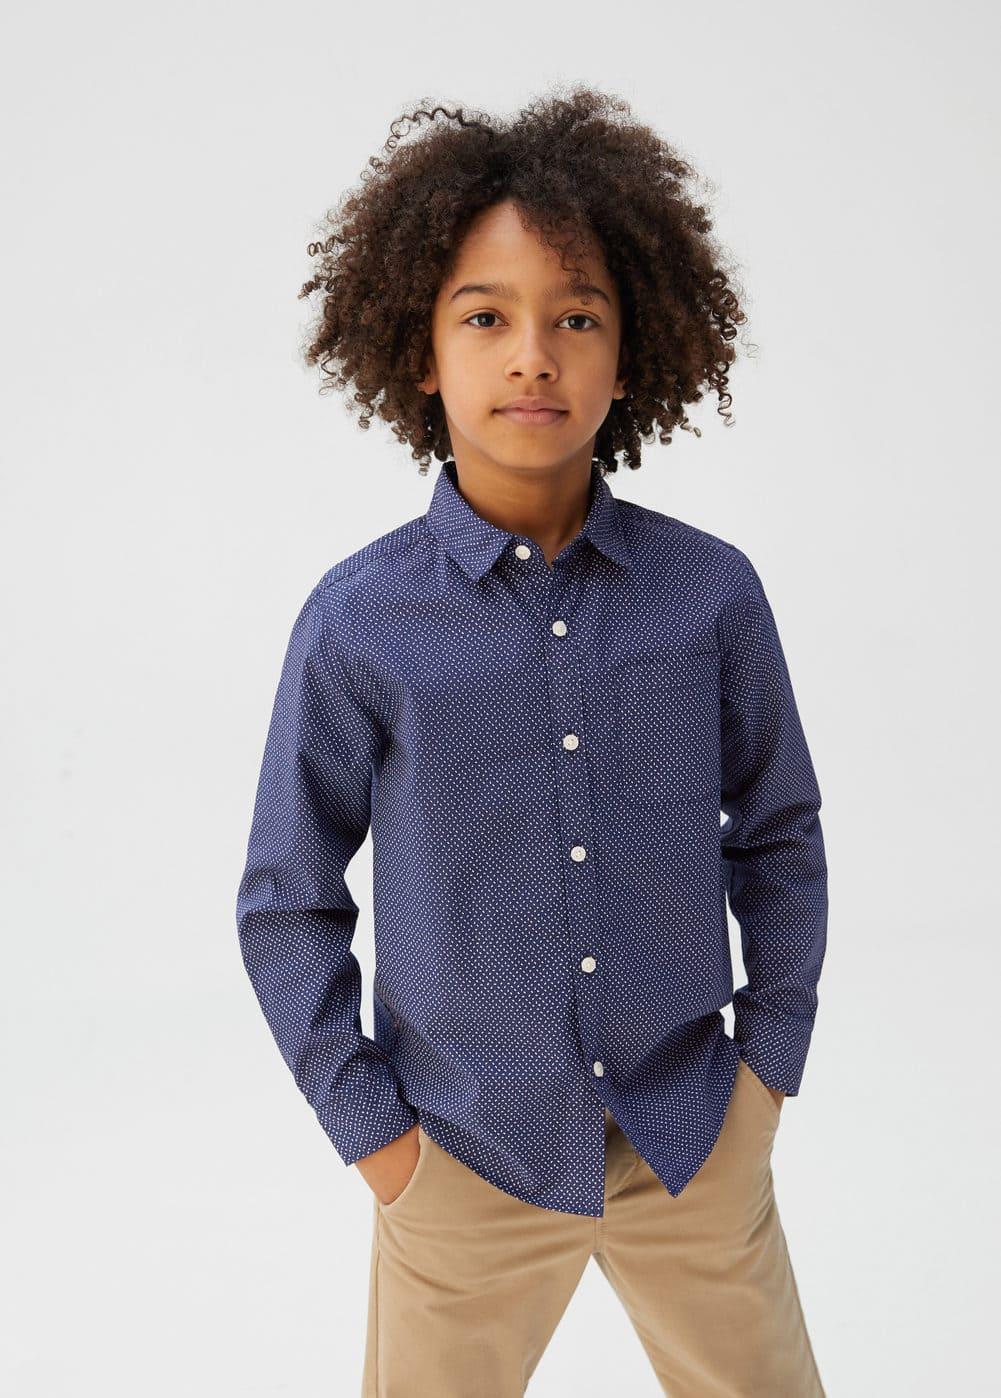 o-damian5:camisa algodon bolsillo